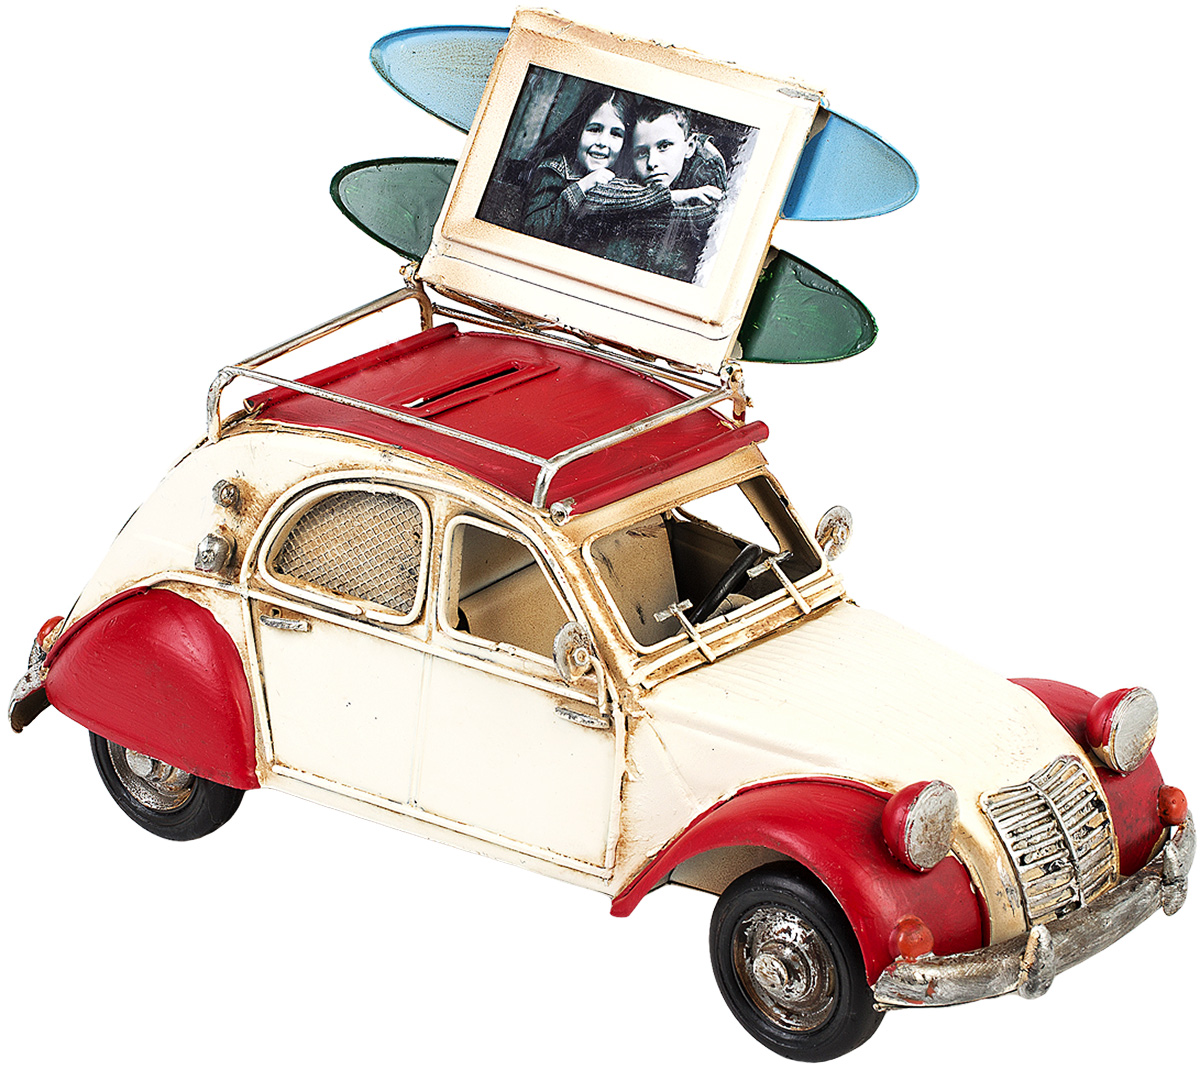 Модель Platinum Автомобиль, с фоторамкой и копилкой. 1404E-4339JP-01/ 3Модель Platinum Автомобиль, выполненная из металла, станет оригинальным украшением интерьера. Вы можете поставить модель ретро-автомобиля в любом месте, где она будет удачно смотреться.Изделие дополнено копилкой и фоторамкой, куда вы можете вставить вашу любимую фотографию.Качество исполнения, точные детали и оригинальный дизайн выделяют эту модель среди ряда подобных. Модель займет достойное место в вашей коллекции, а также приятно удивит получателя в качестве стильного сувенира.